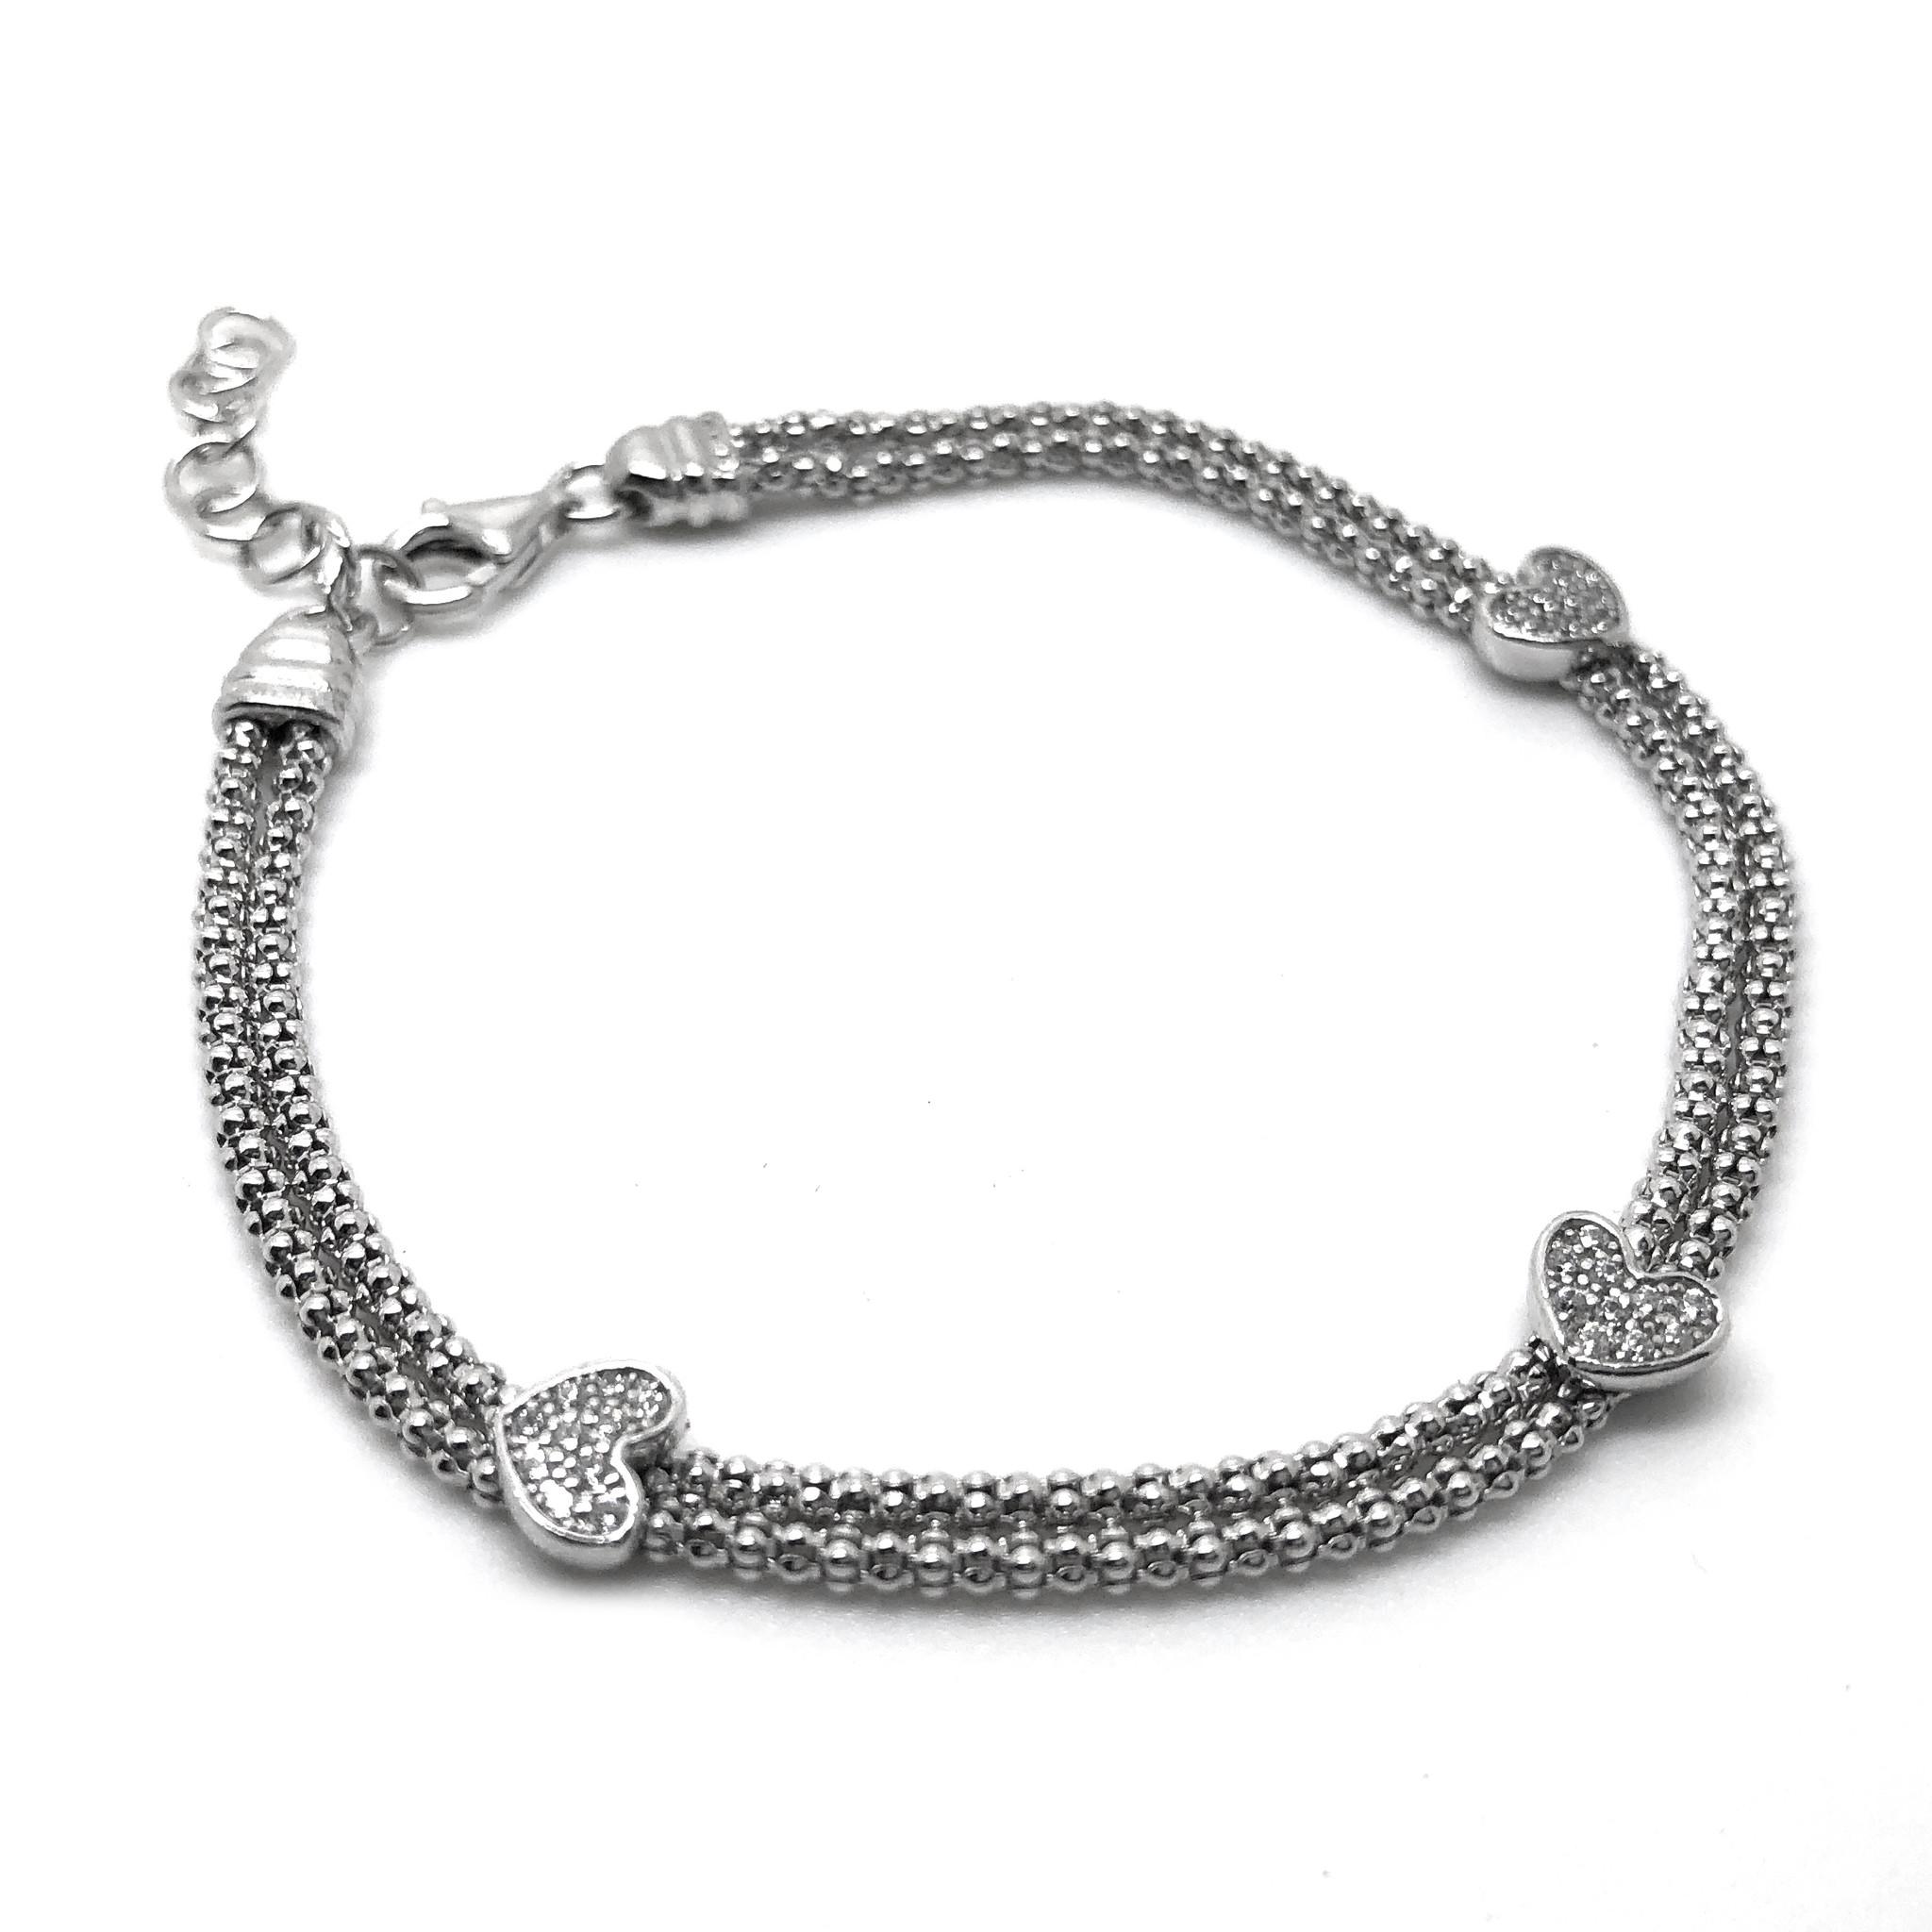 925 Zilveren popcorn armband 3 hartjes-3